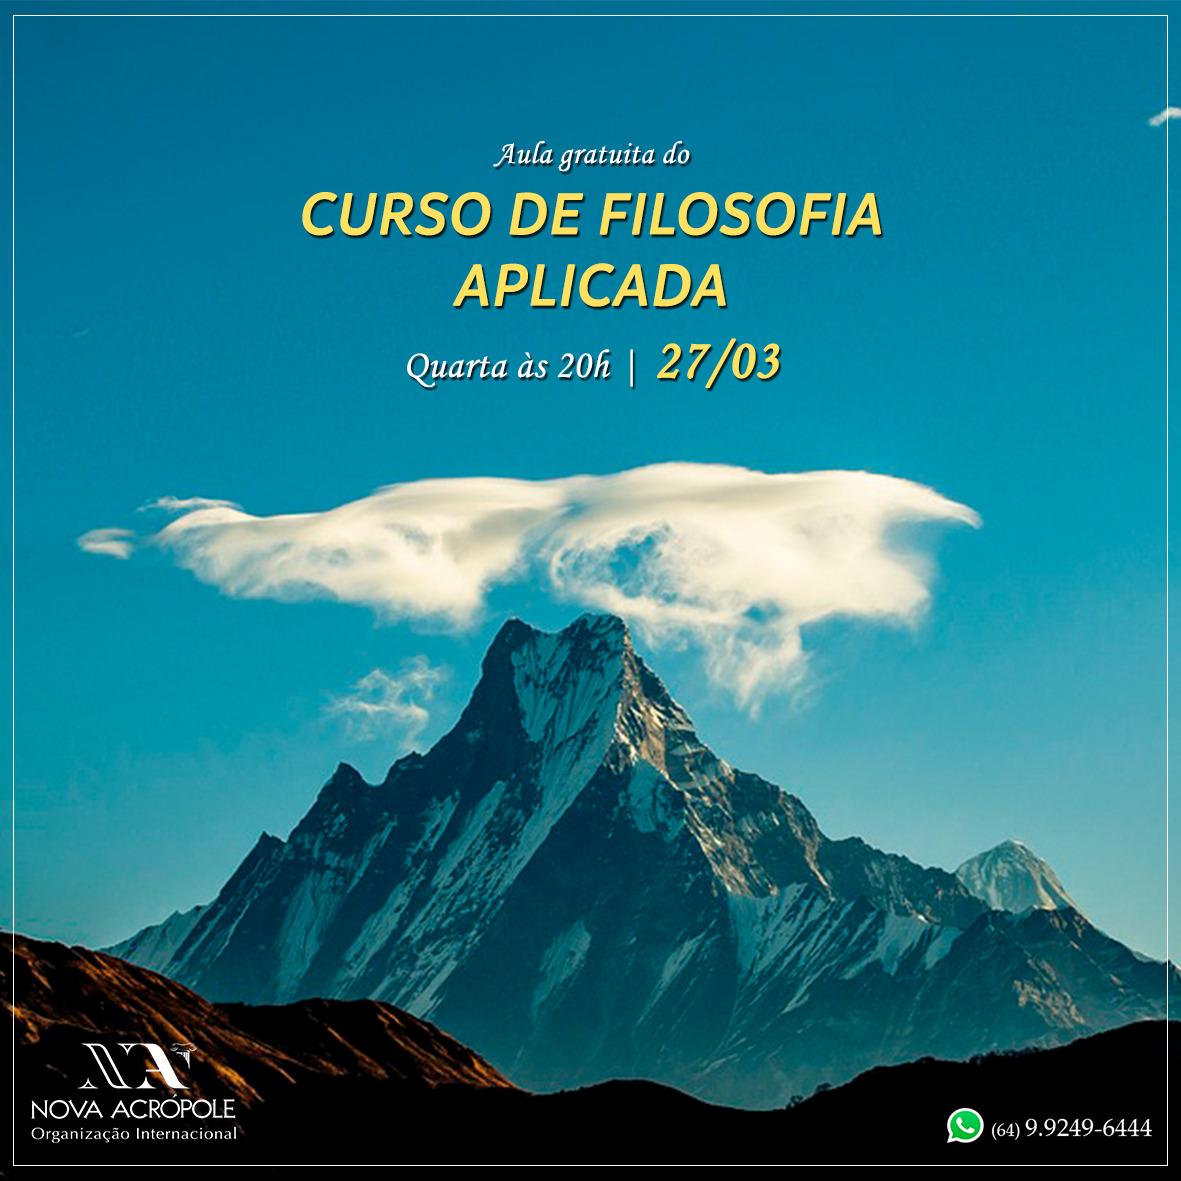 AULA GRATUITA DO CURSO DE FILOSOFIA APLICADA